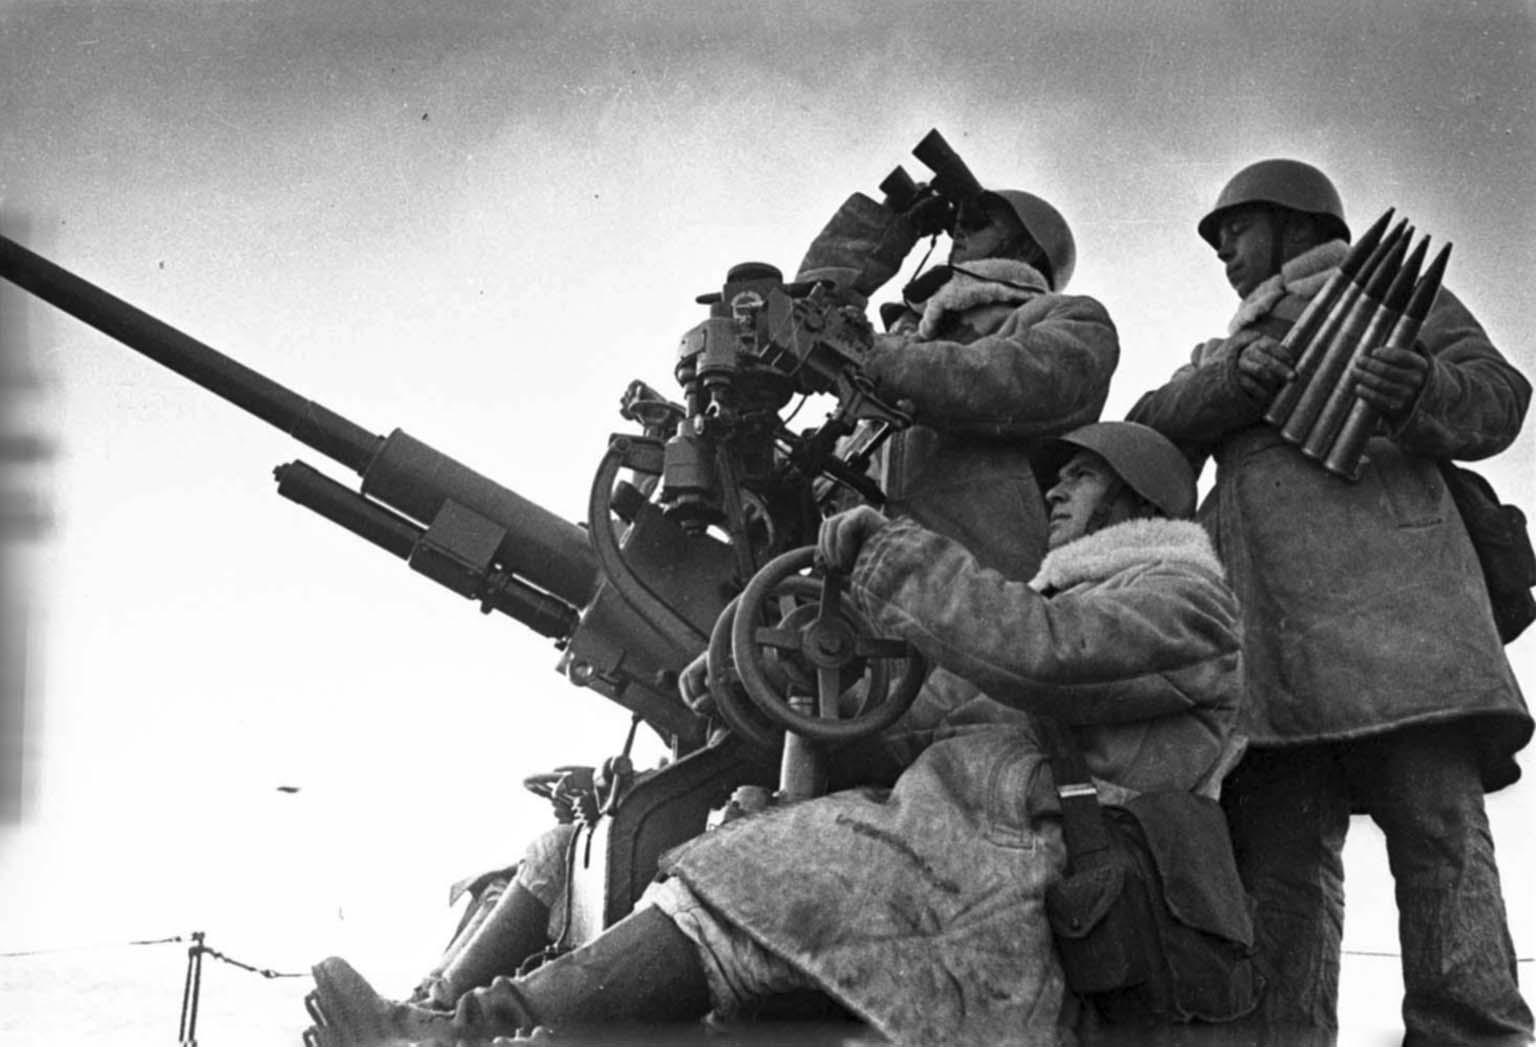 37-mm 70-K